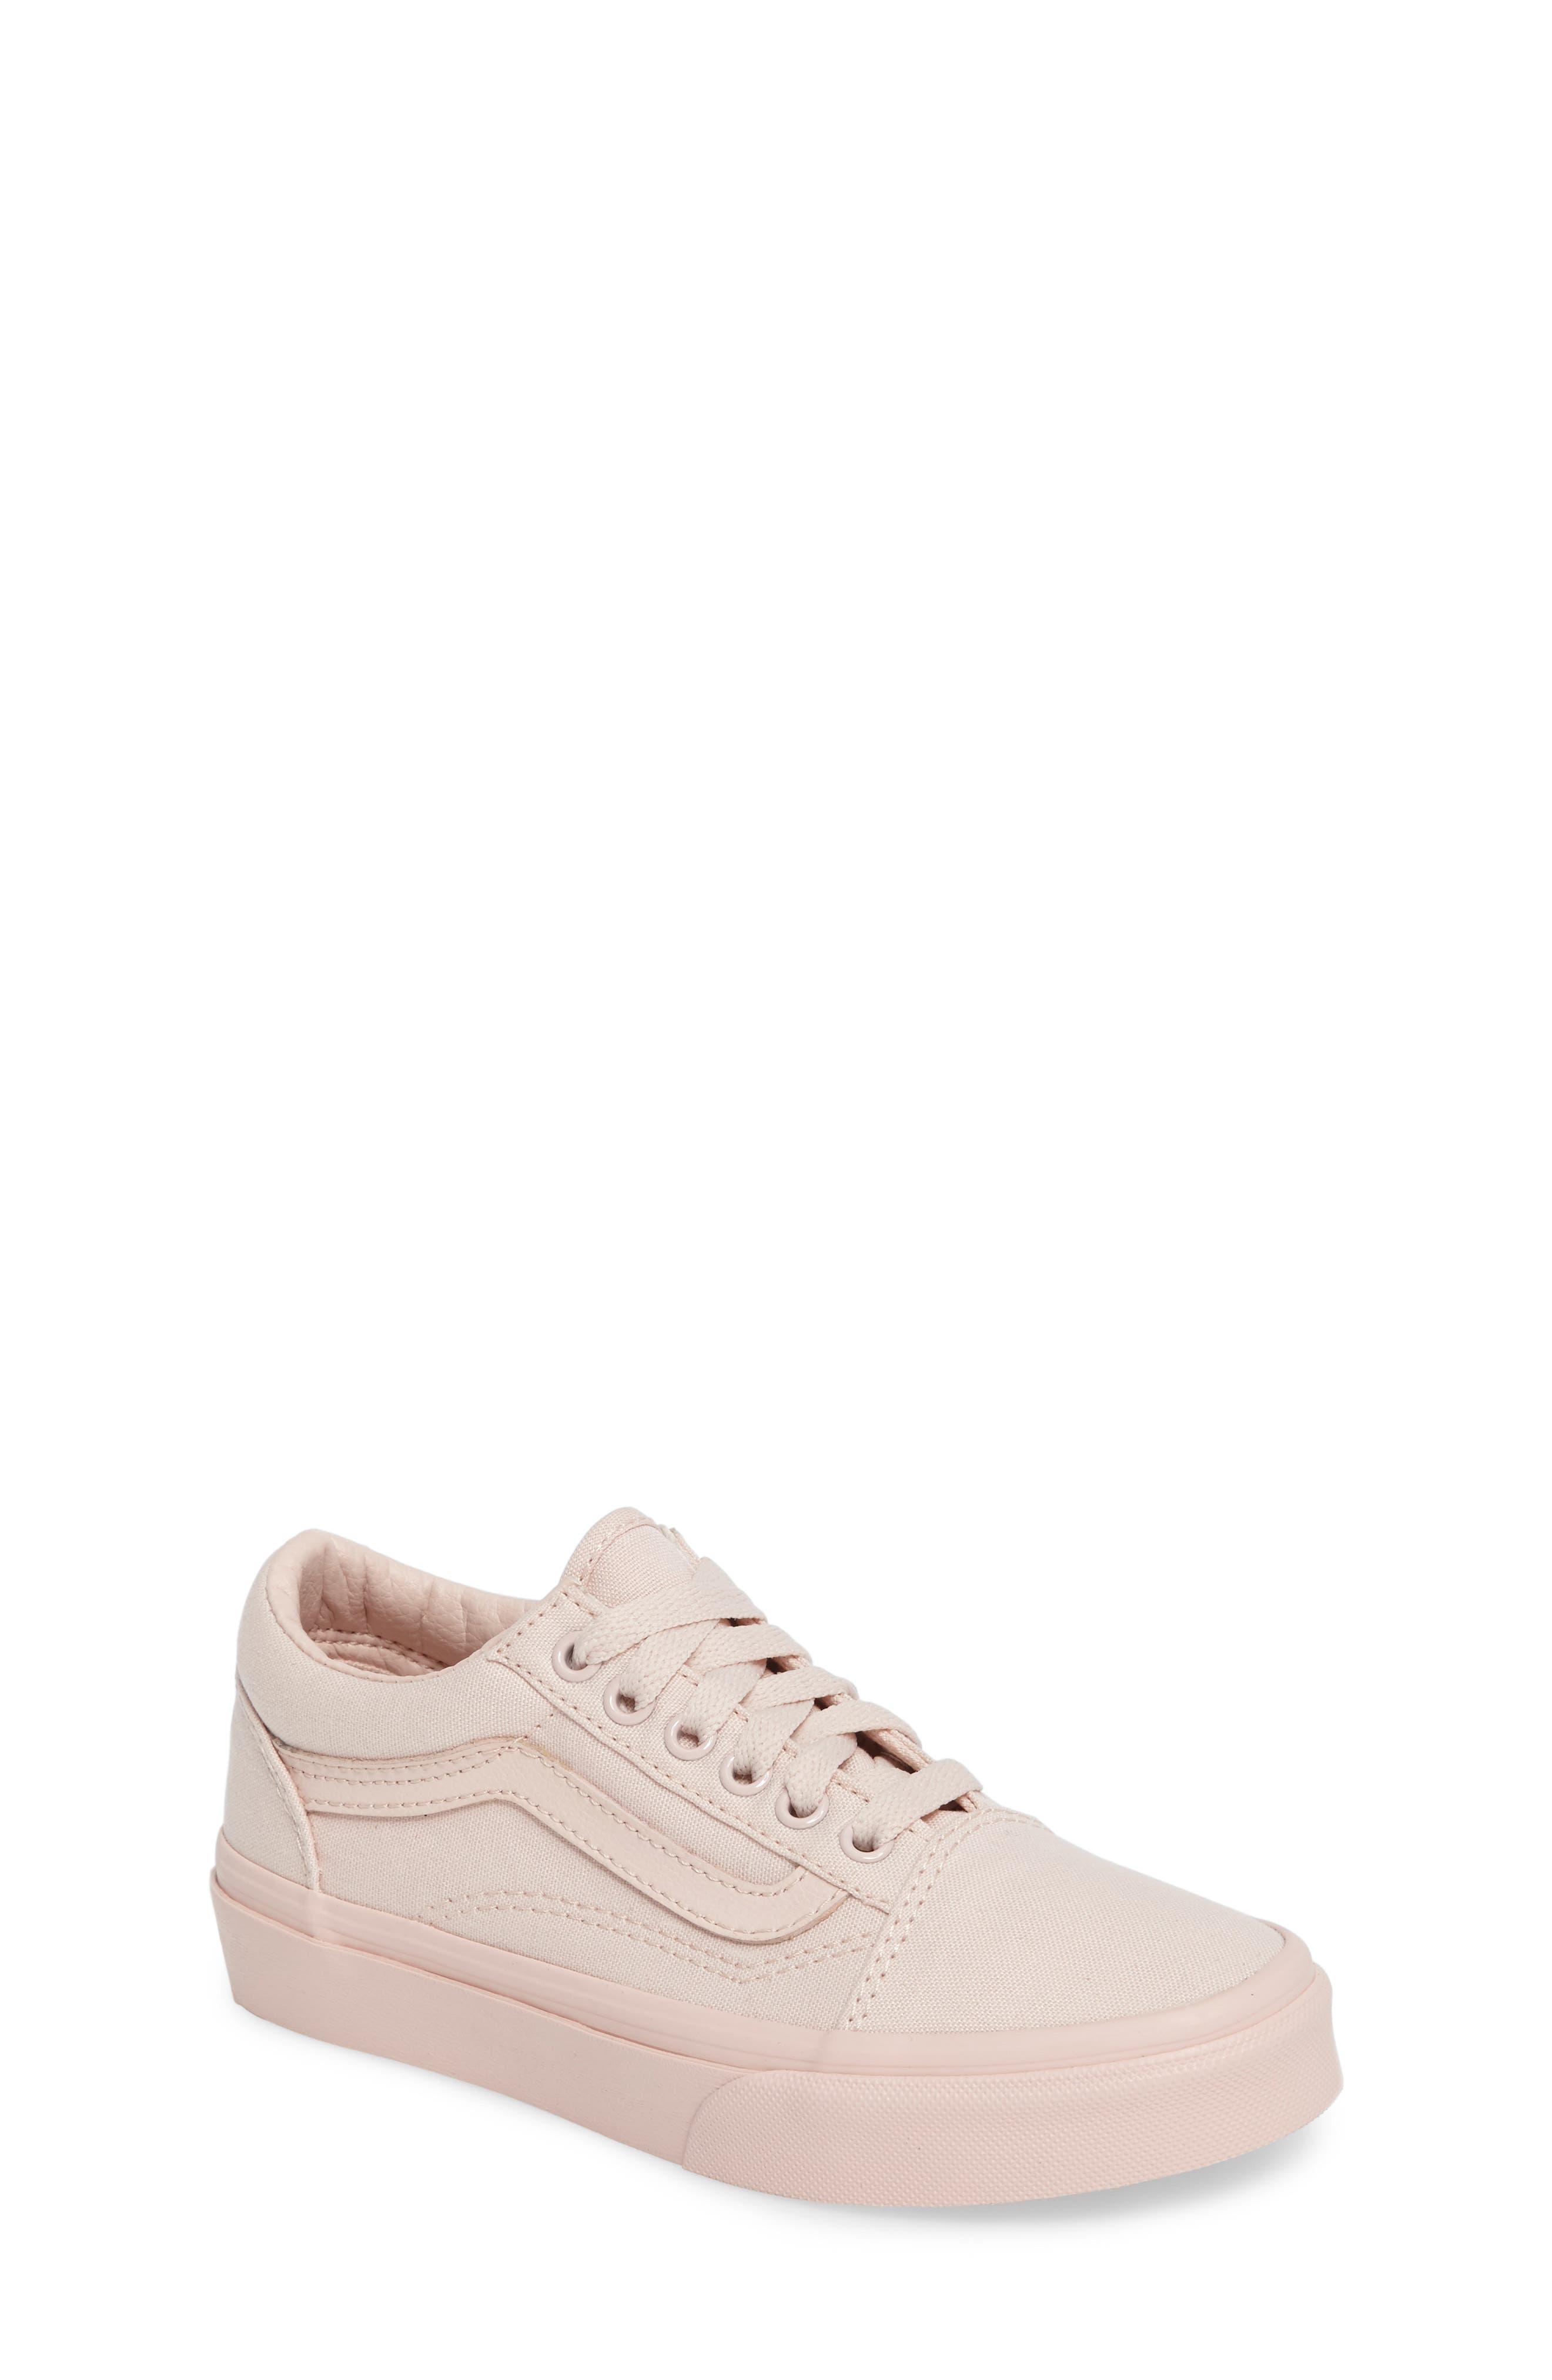 Old Skool Sneaker,                             Main thumbnail 1, color,